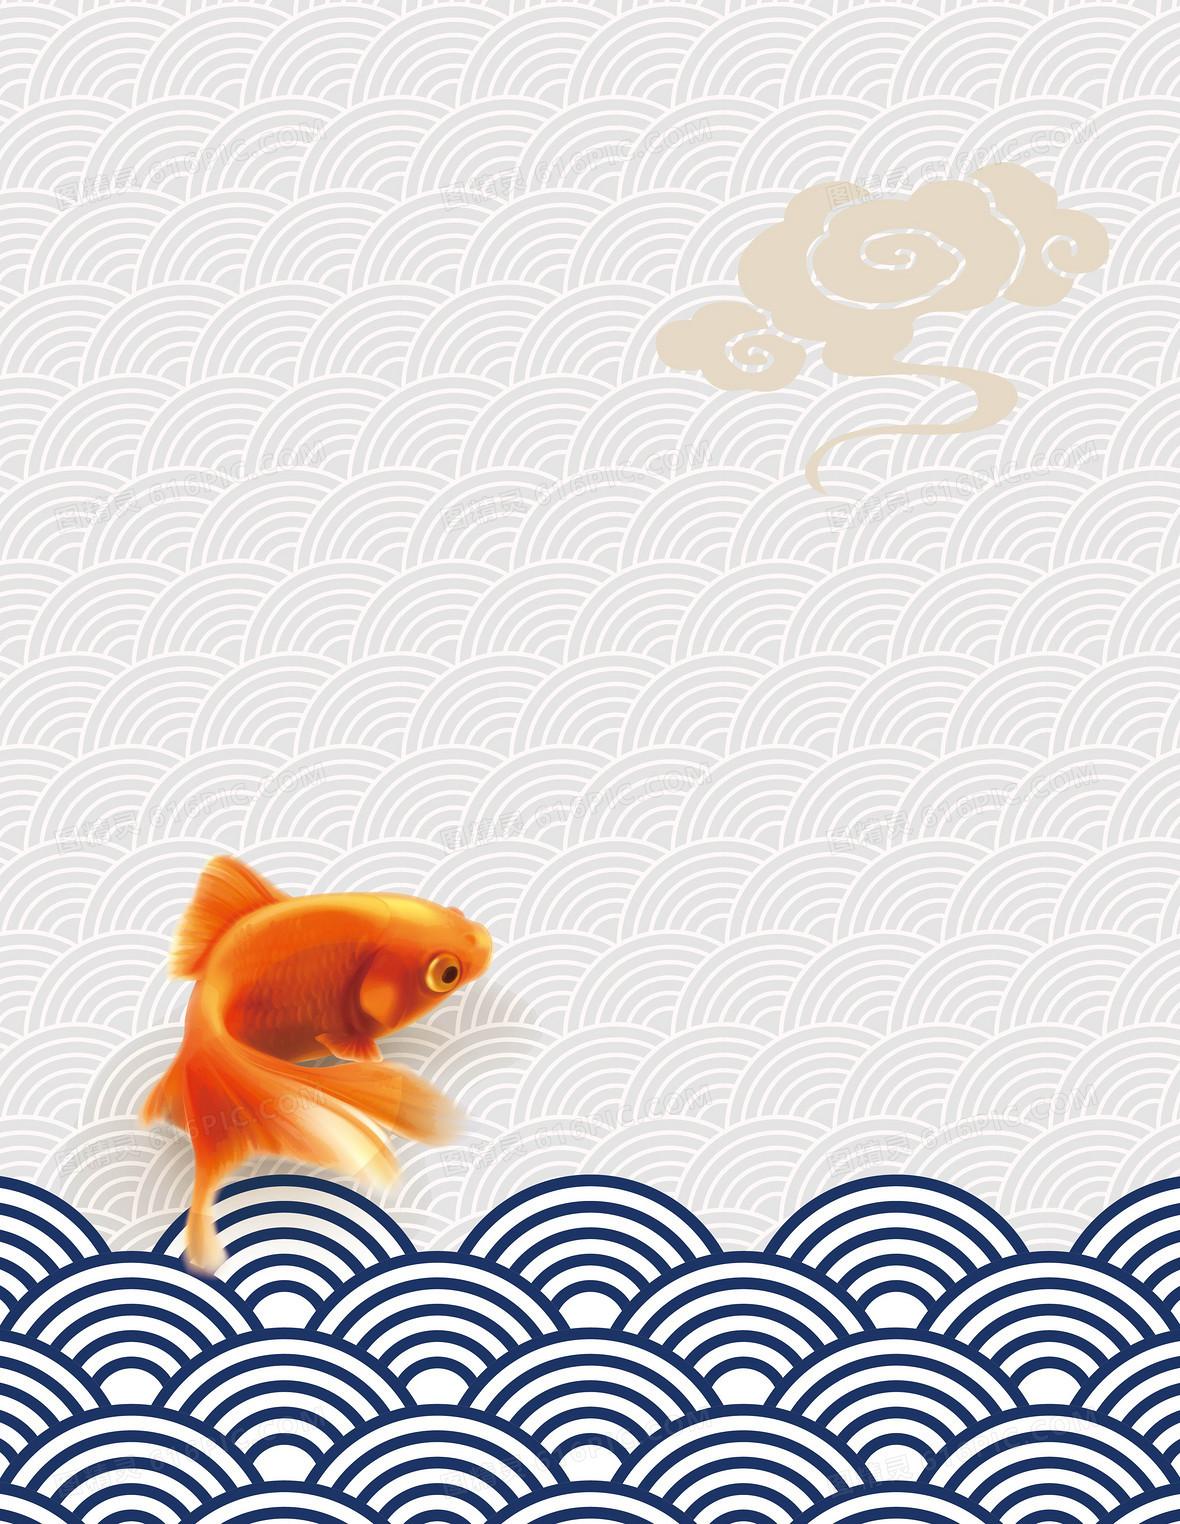 矢量中国风古风金鱼波浪纹背景素材